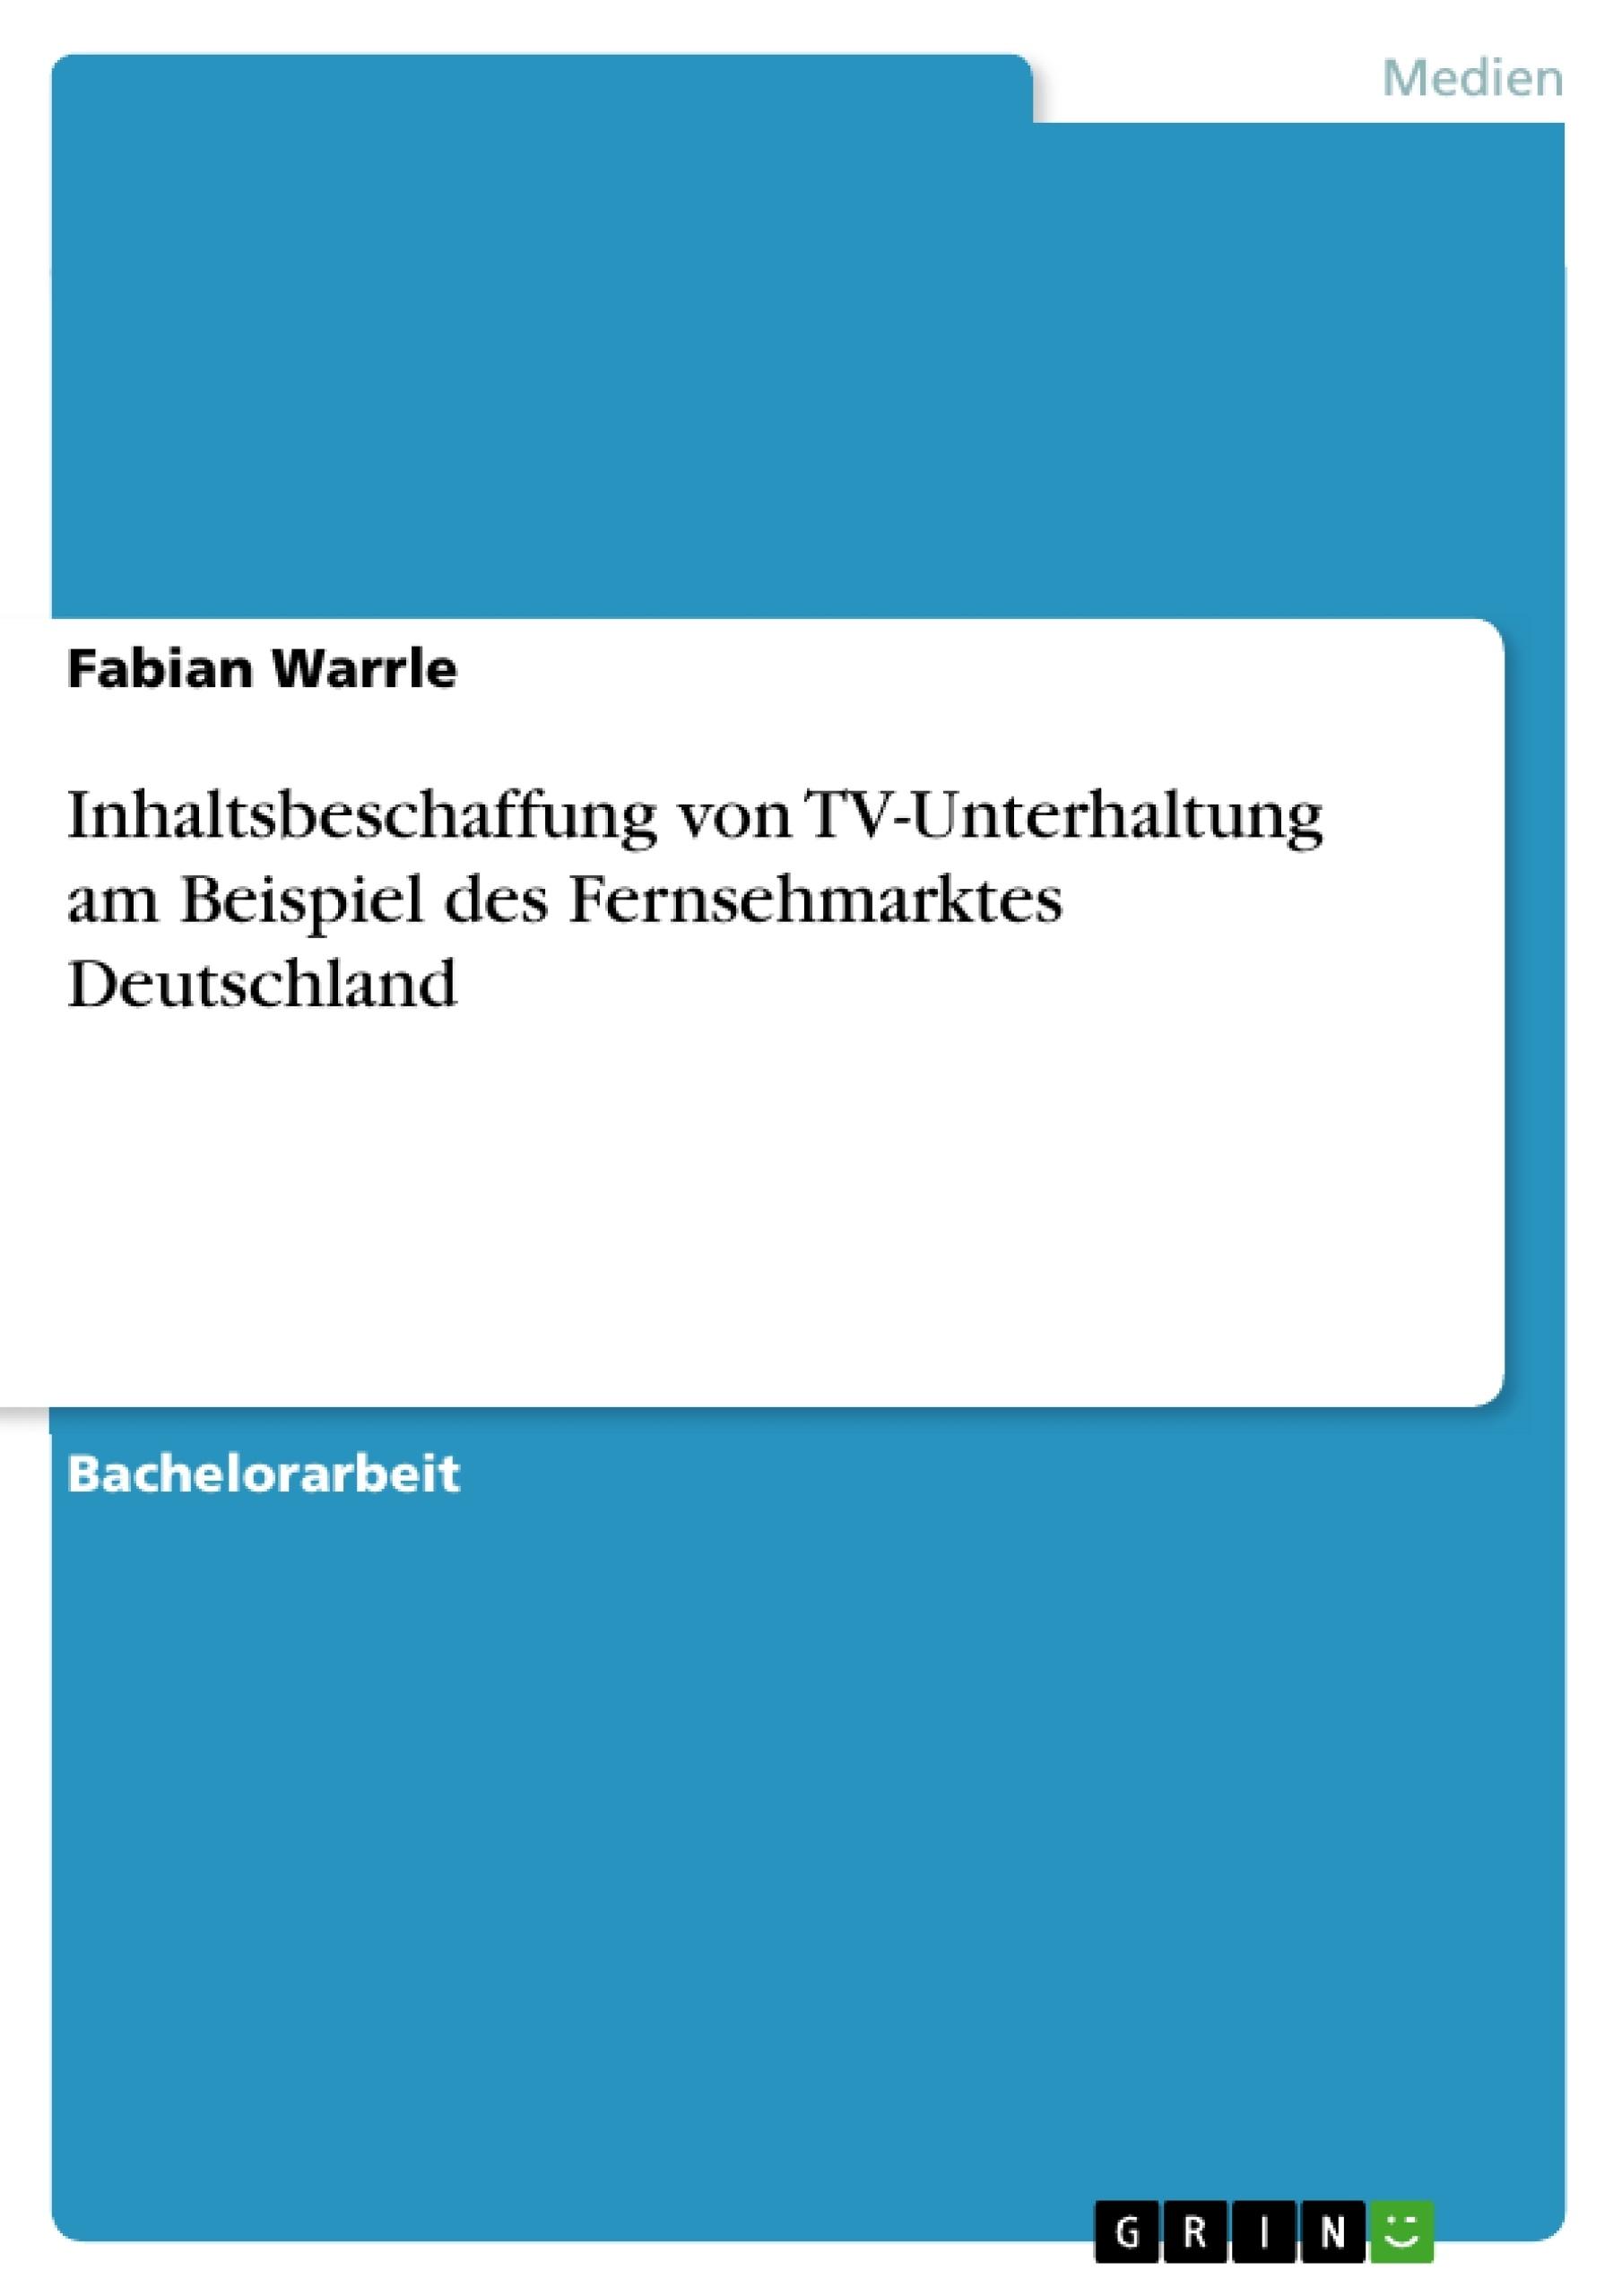 Titel: Inhaltsbeschaffung von TV-Unterhaltung am Beispiel des Fernsehmarktes Deutschland